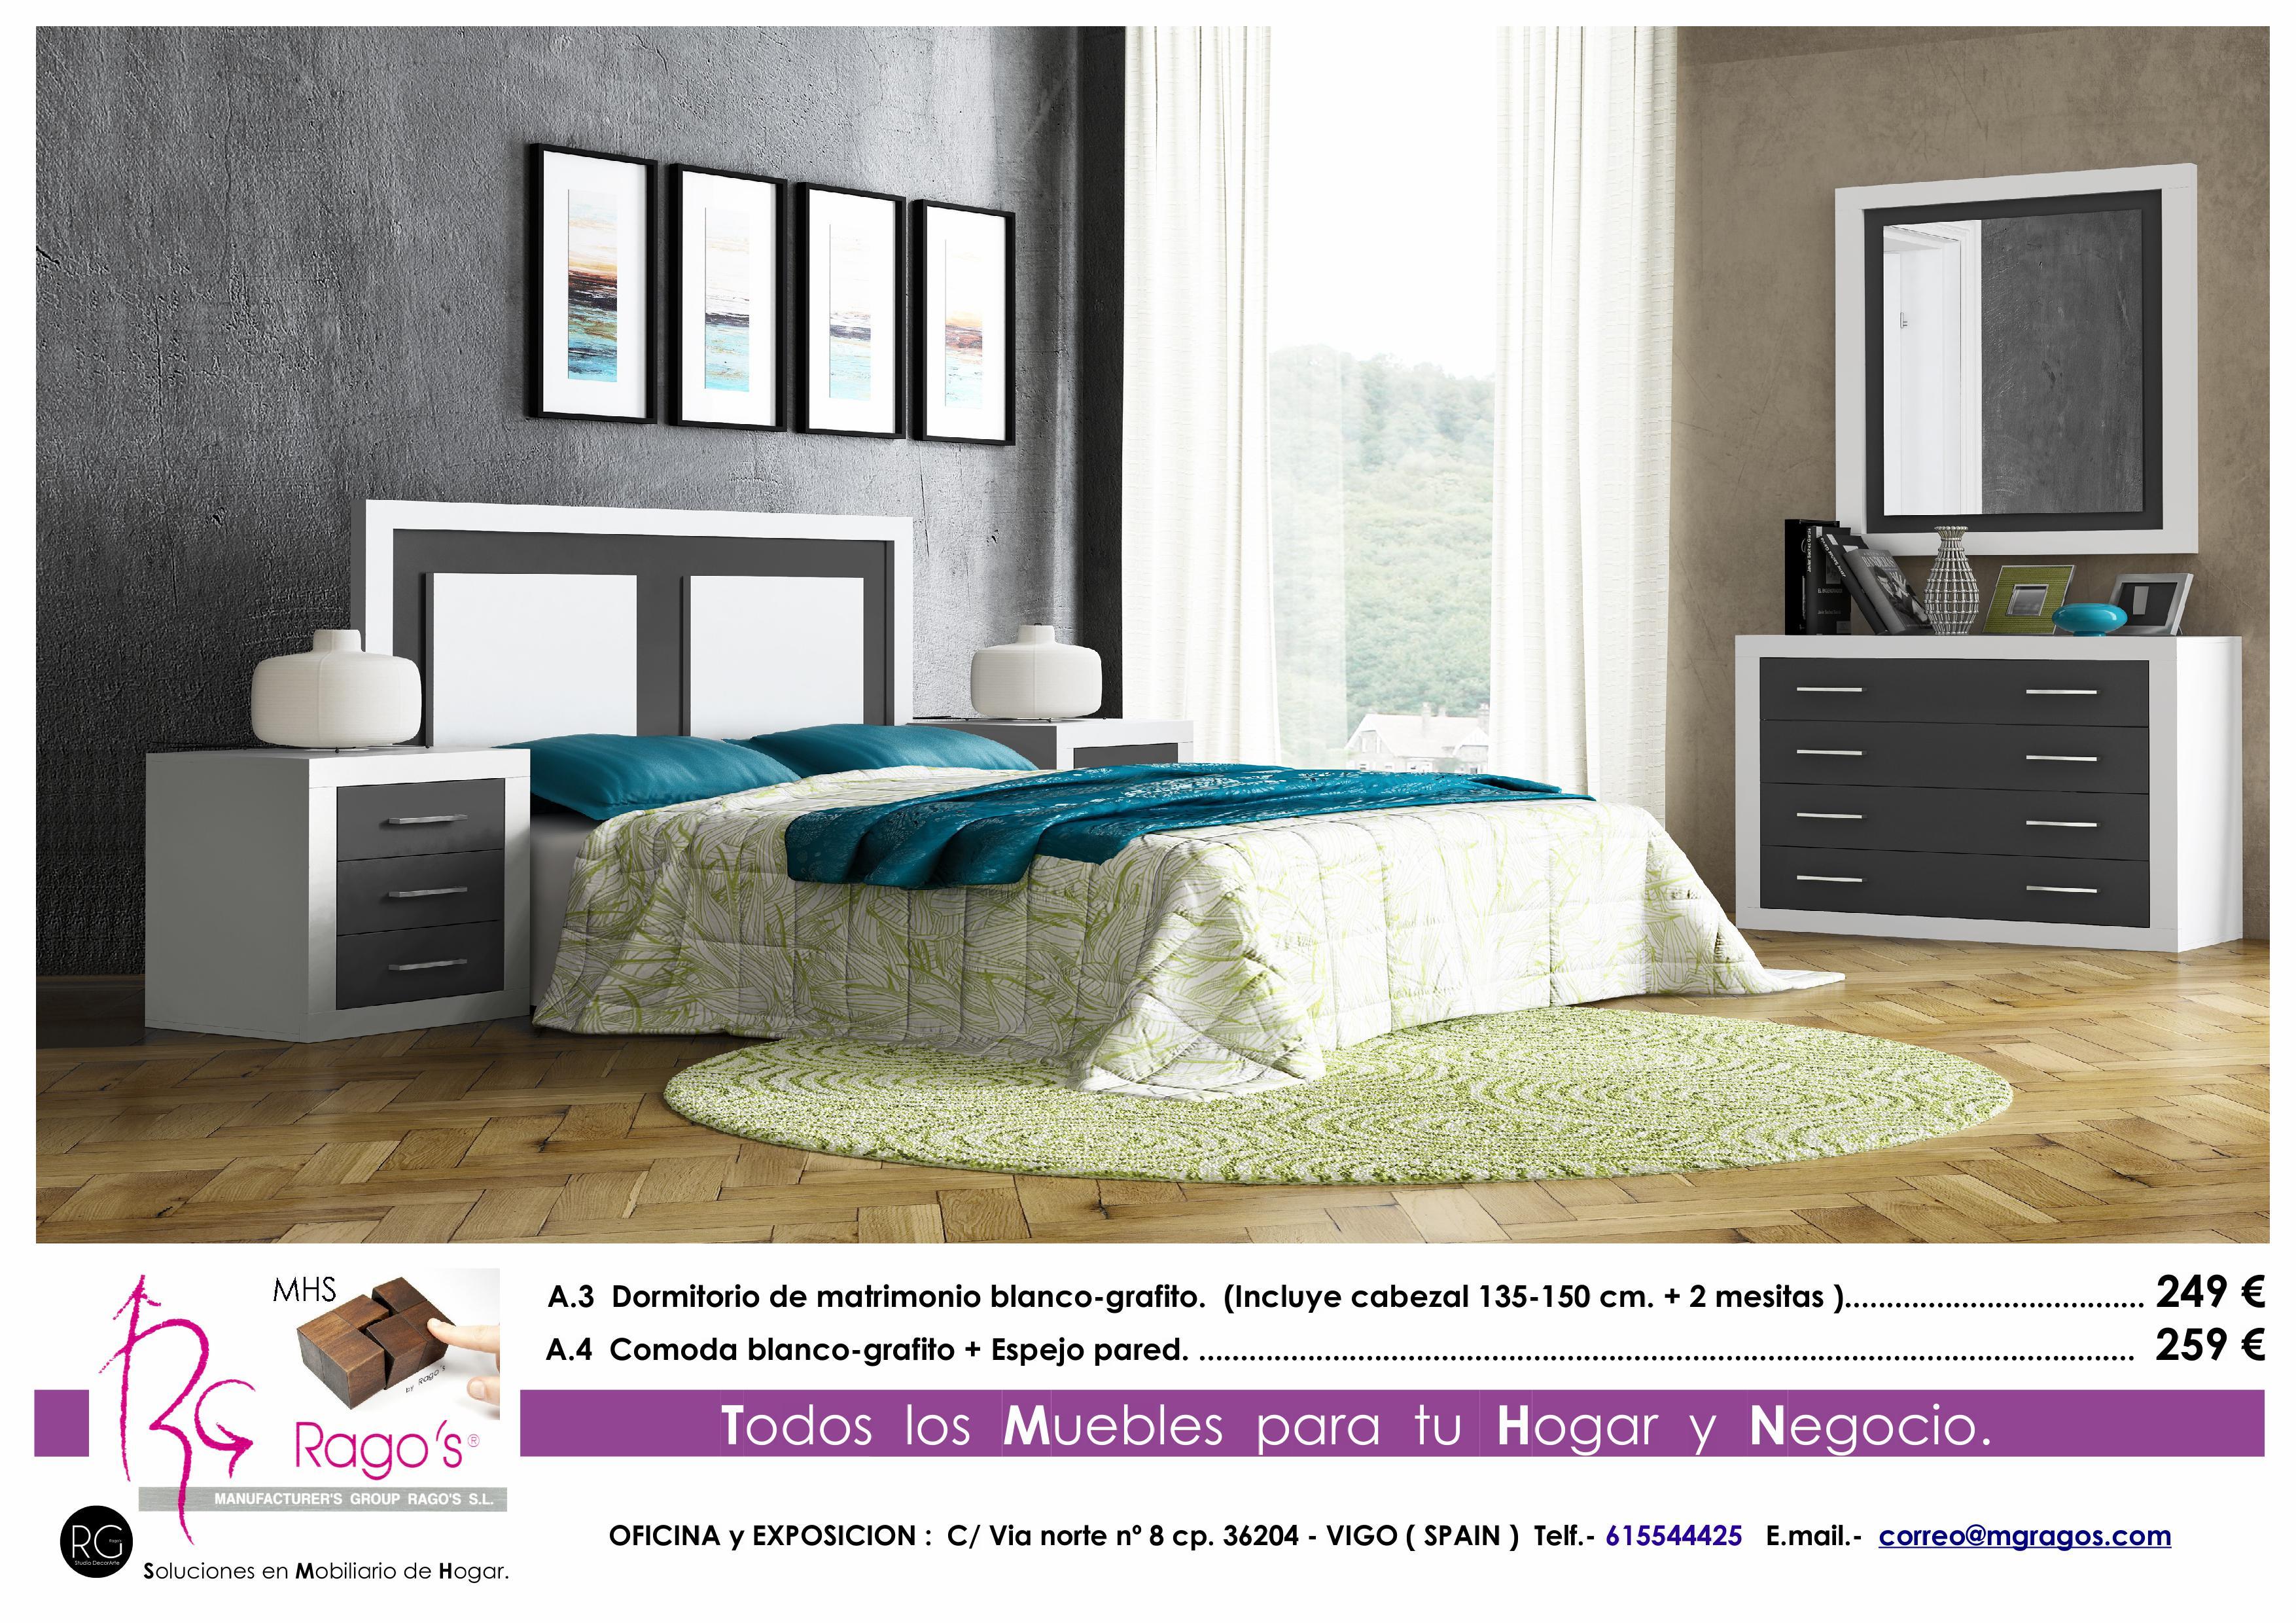 A.3-A.4 Dormitorio (Cabezal+Mesitas-Comoda+Espejo) Pag. nº 3